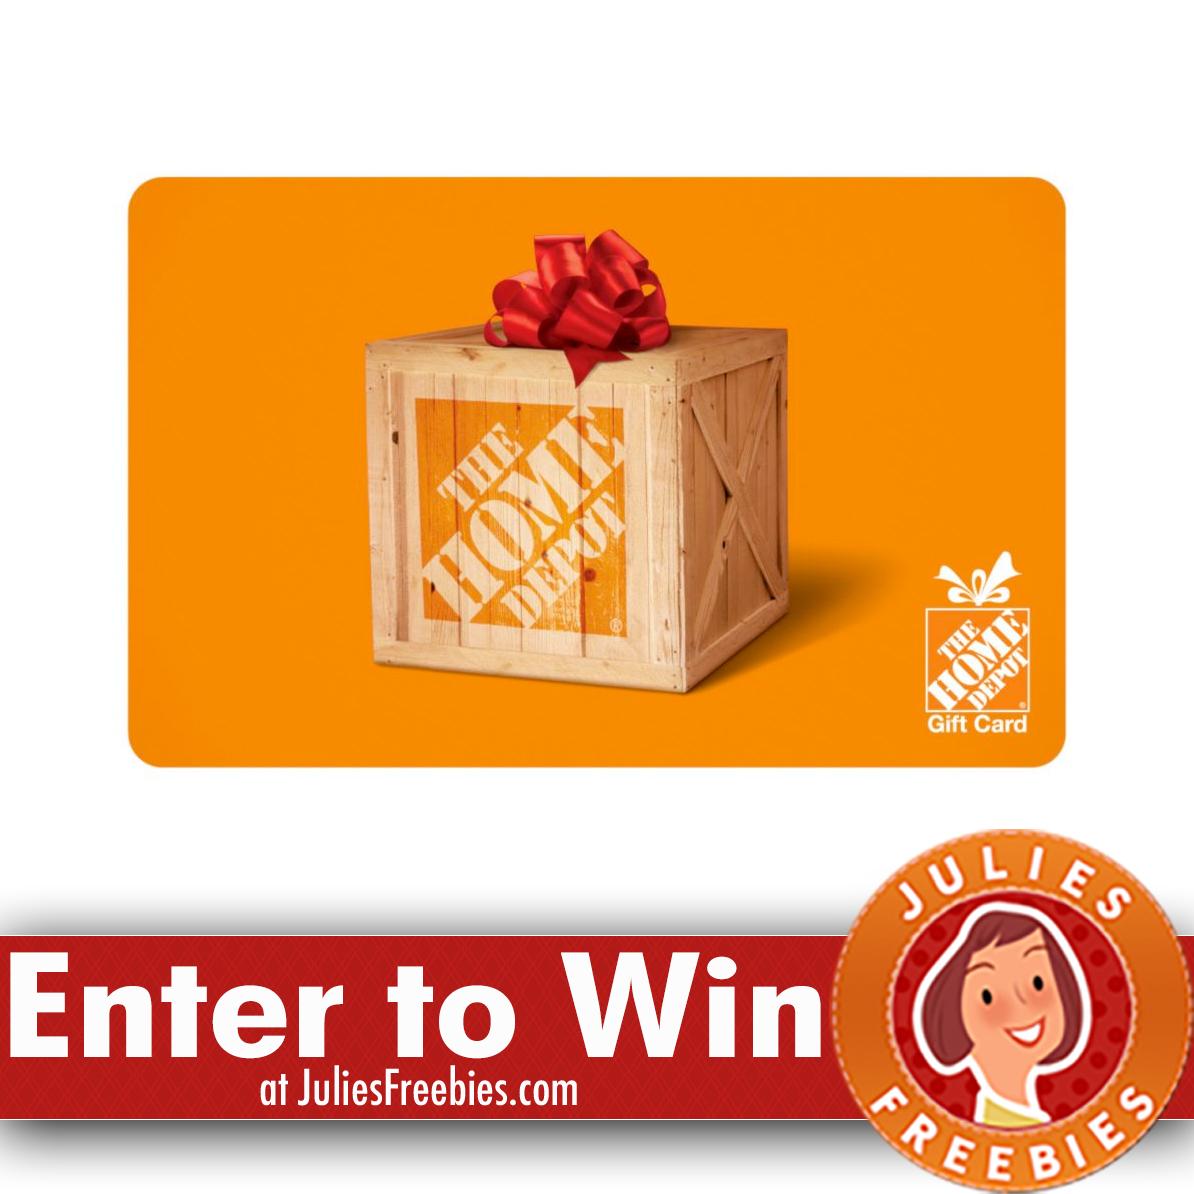 Win a $1,000 Home Depot Gift Card - Julie's Freebies